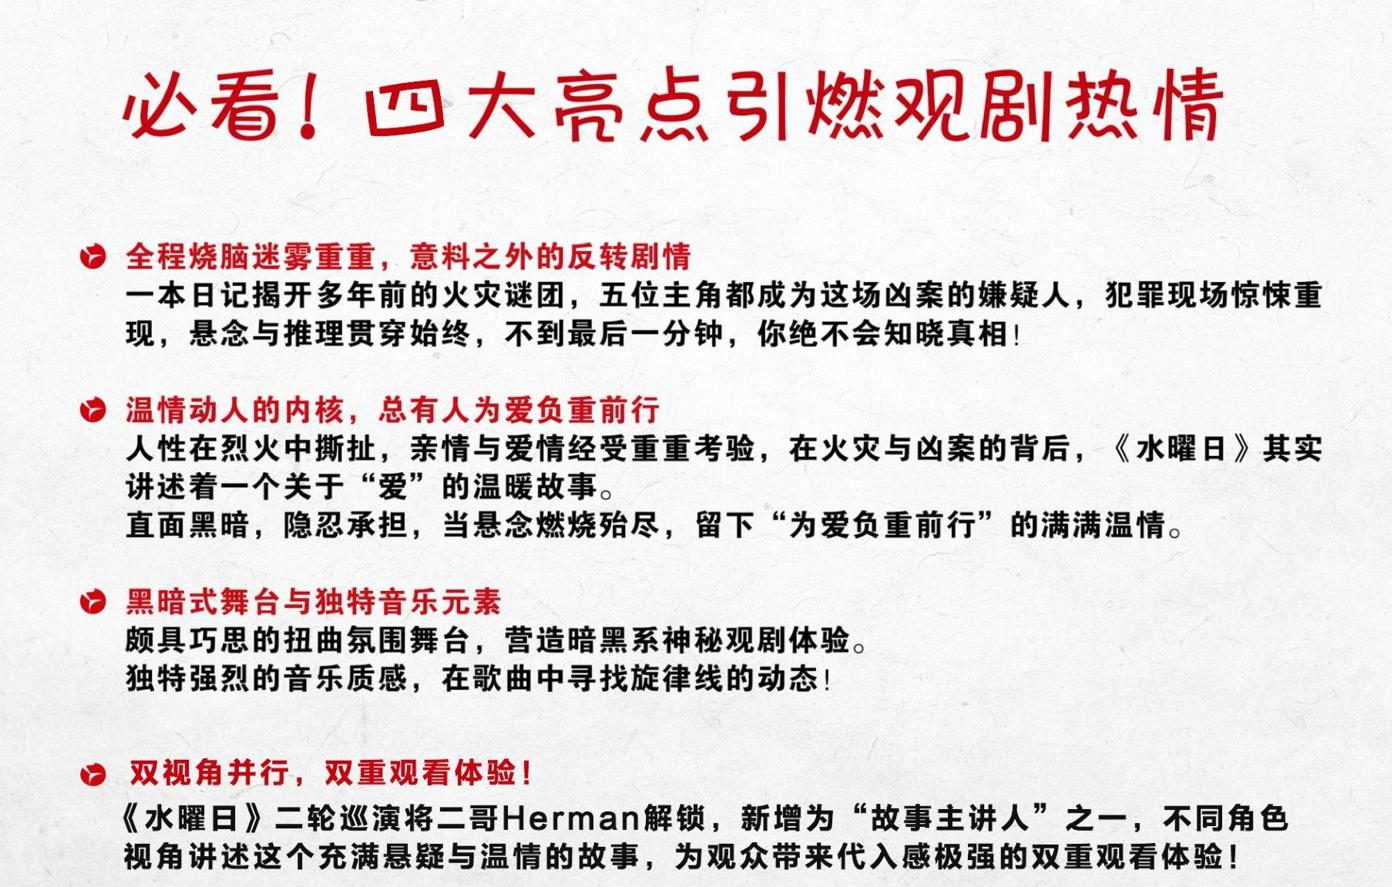 【南通站】【韩国高口碑】悬疑推理音乐剧《水曜日》